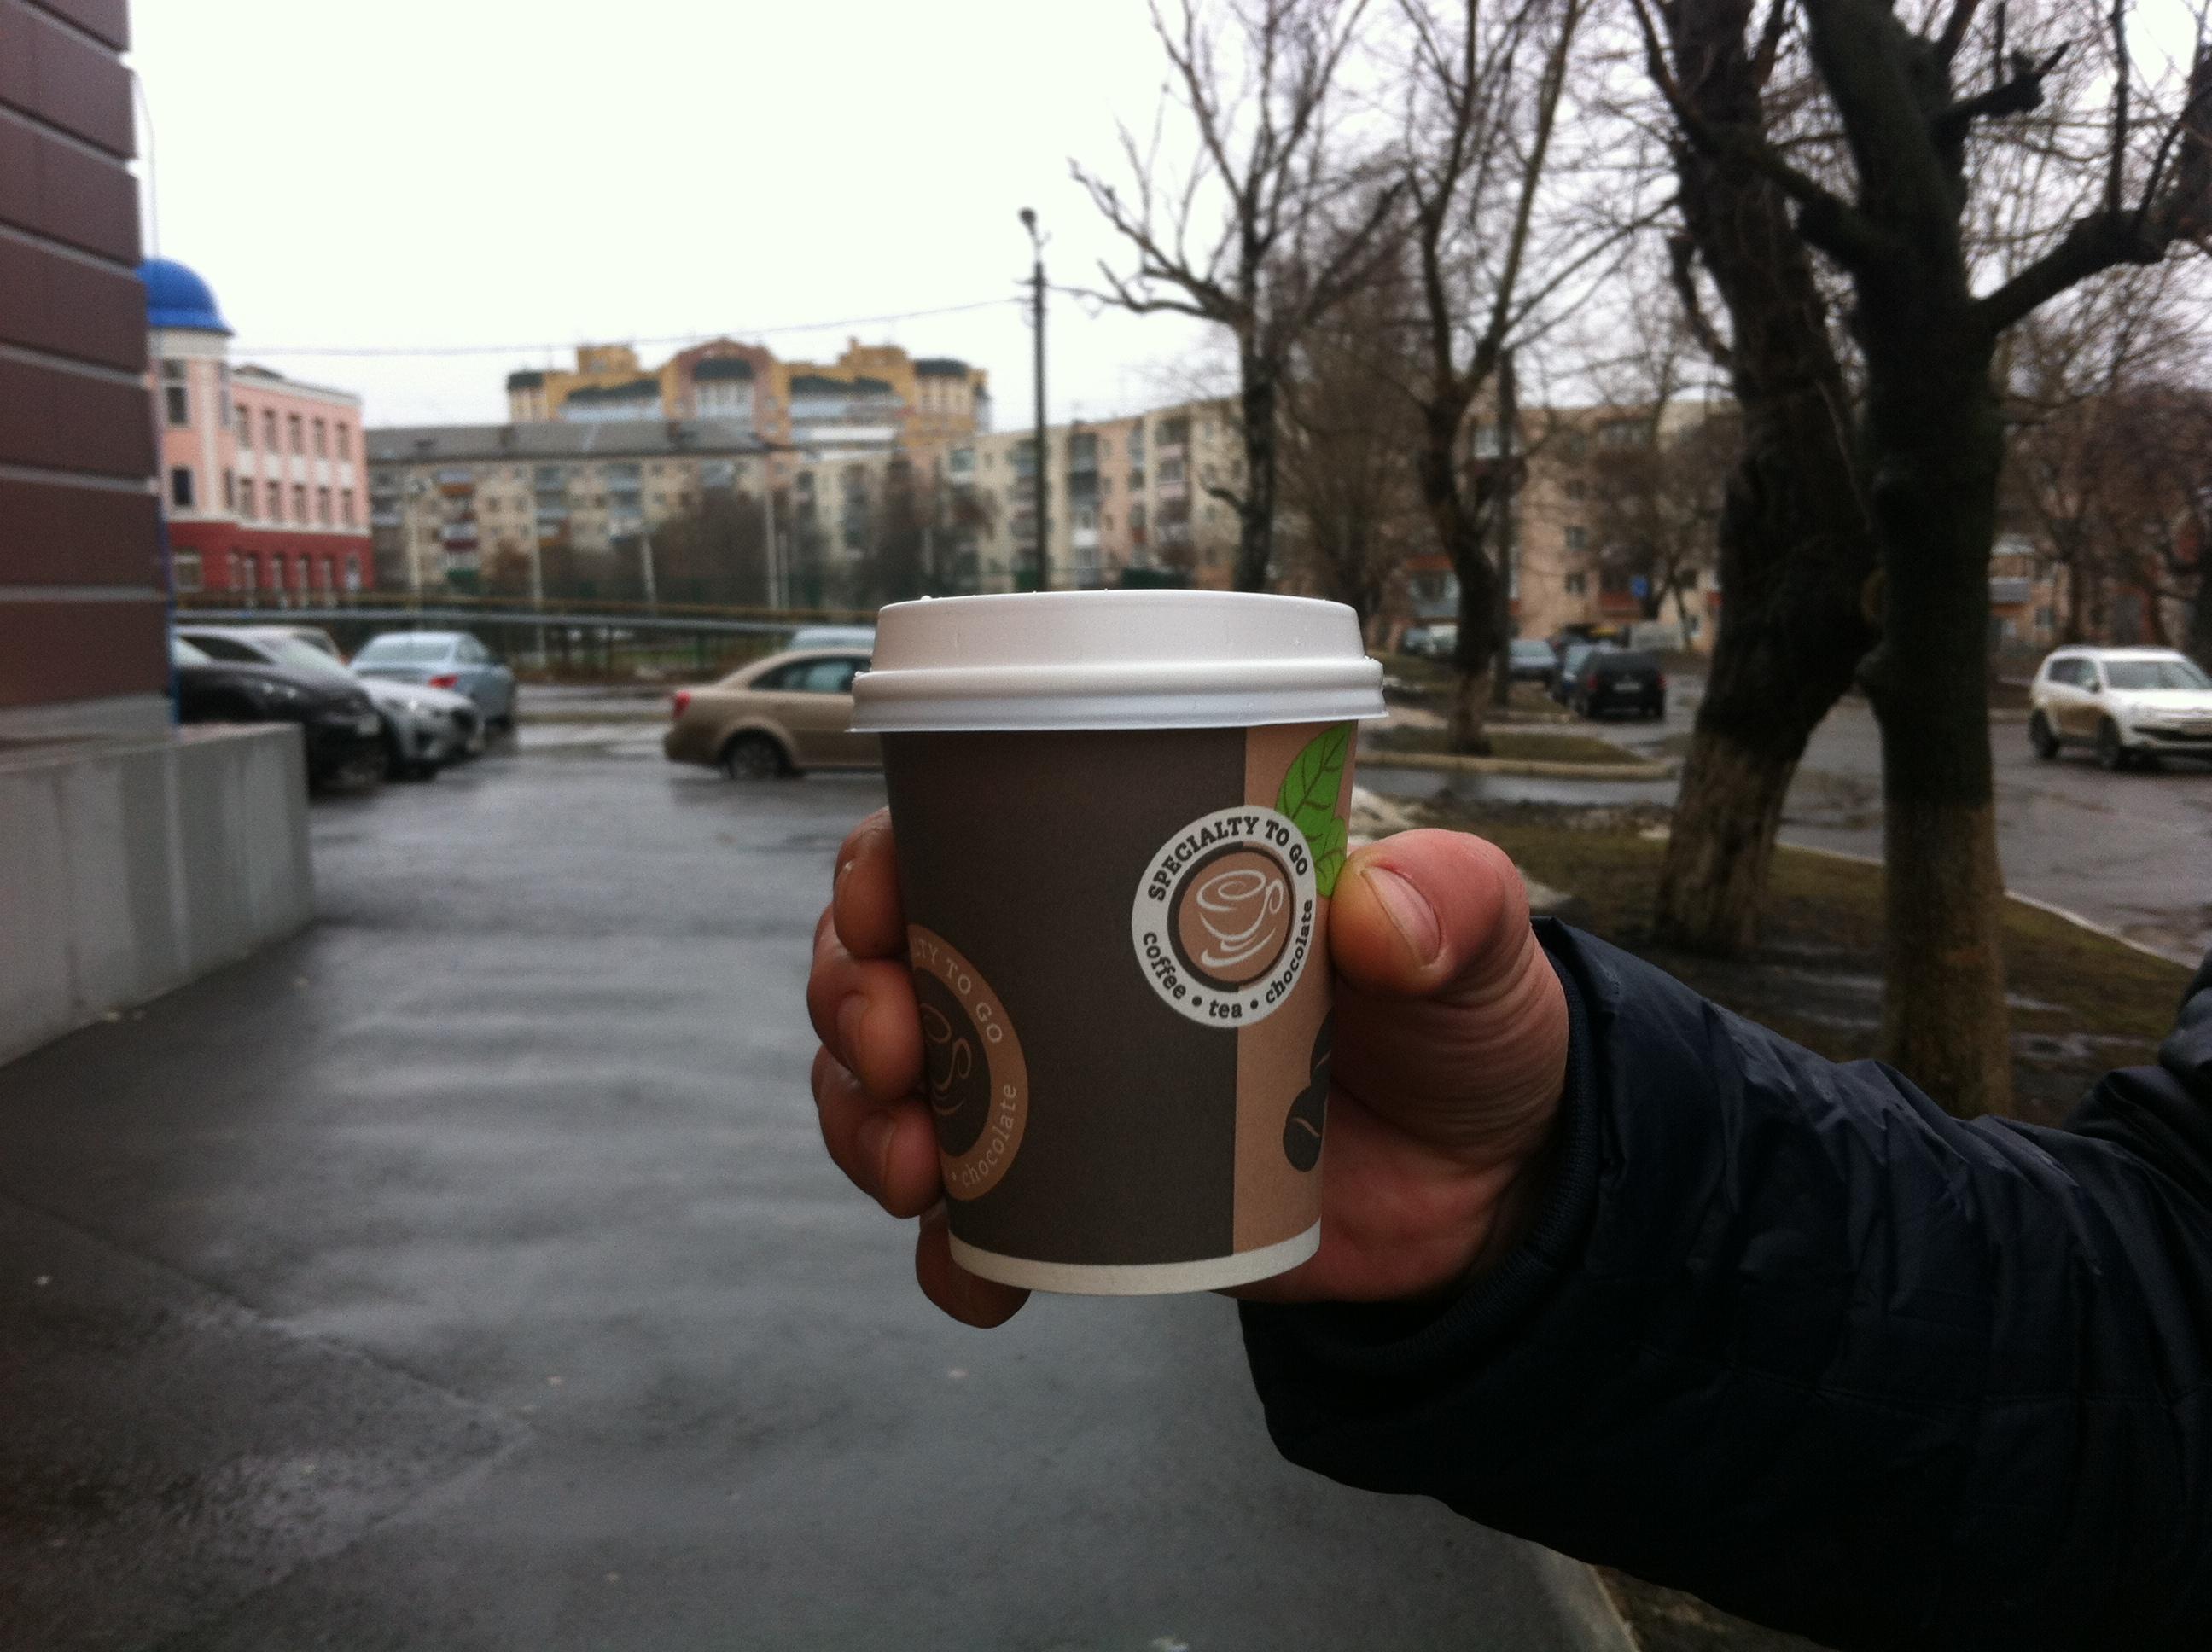 Где в Саранске варят  b лучший кофе   с nbsp собой     b  IMG_5017